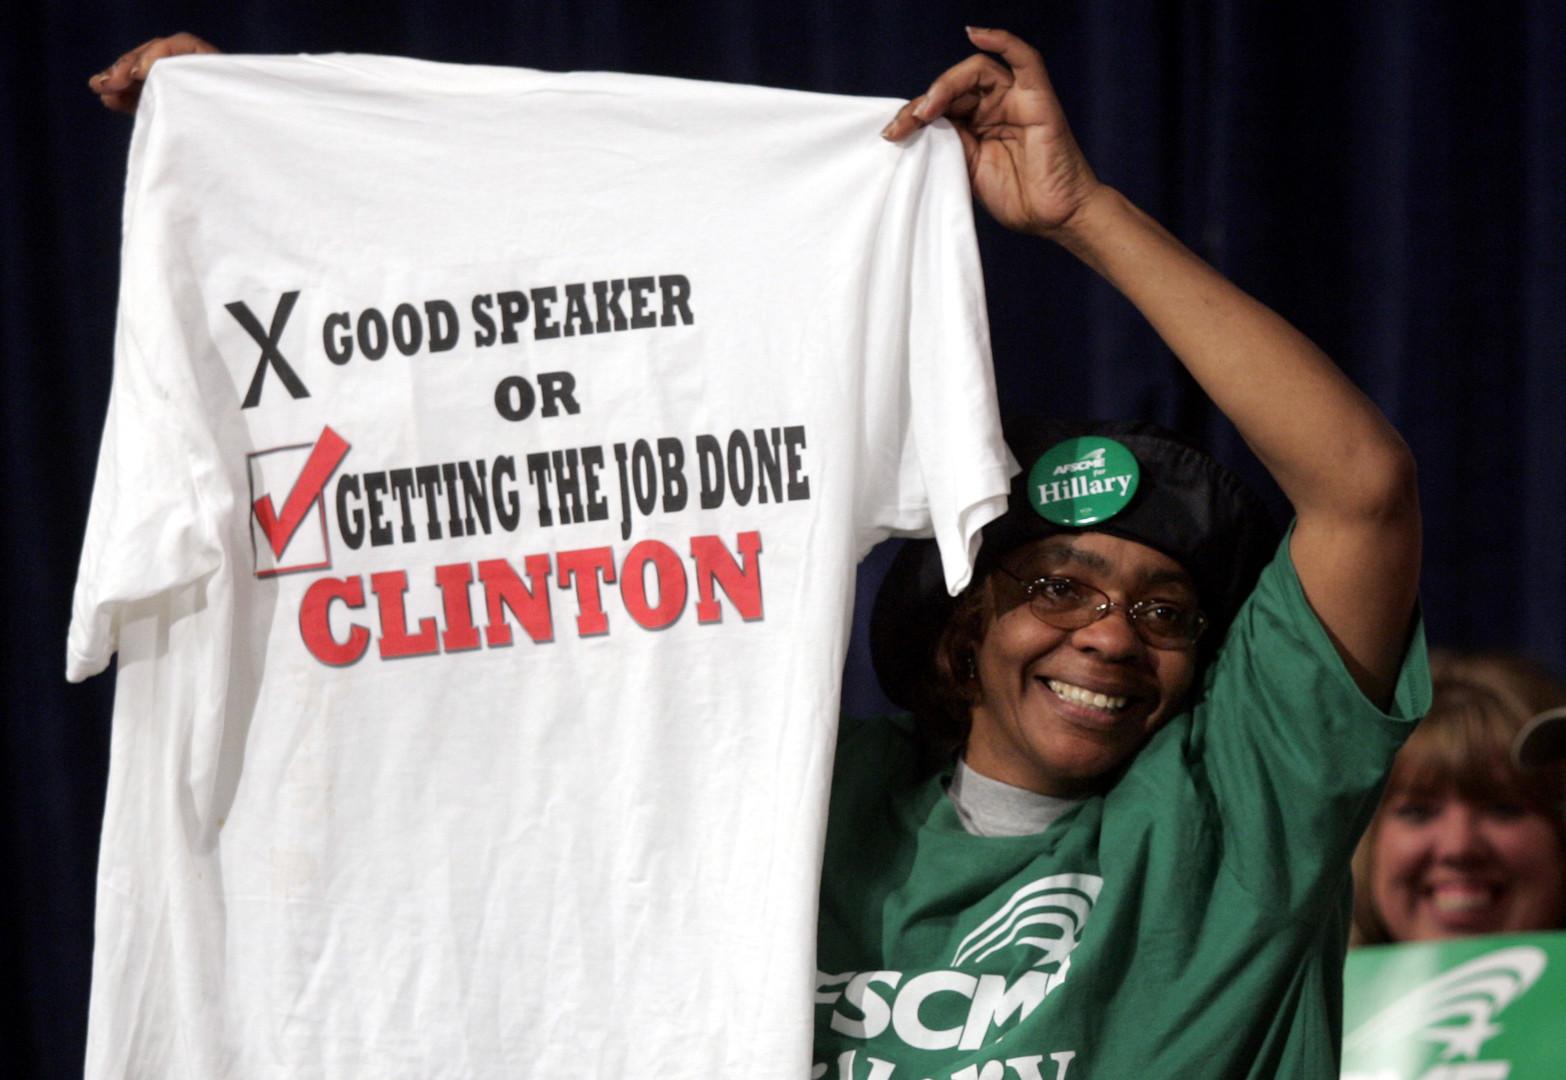 Guter Sprecher oder Gemachte Arbeit?